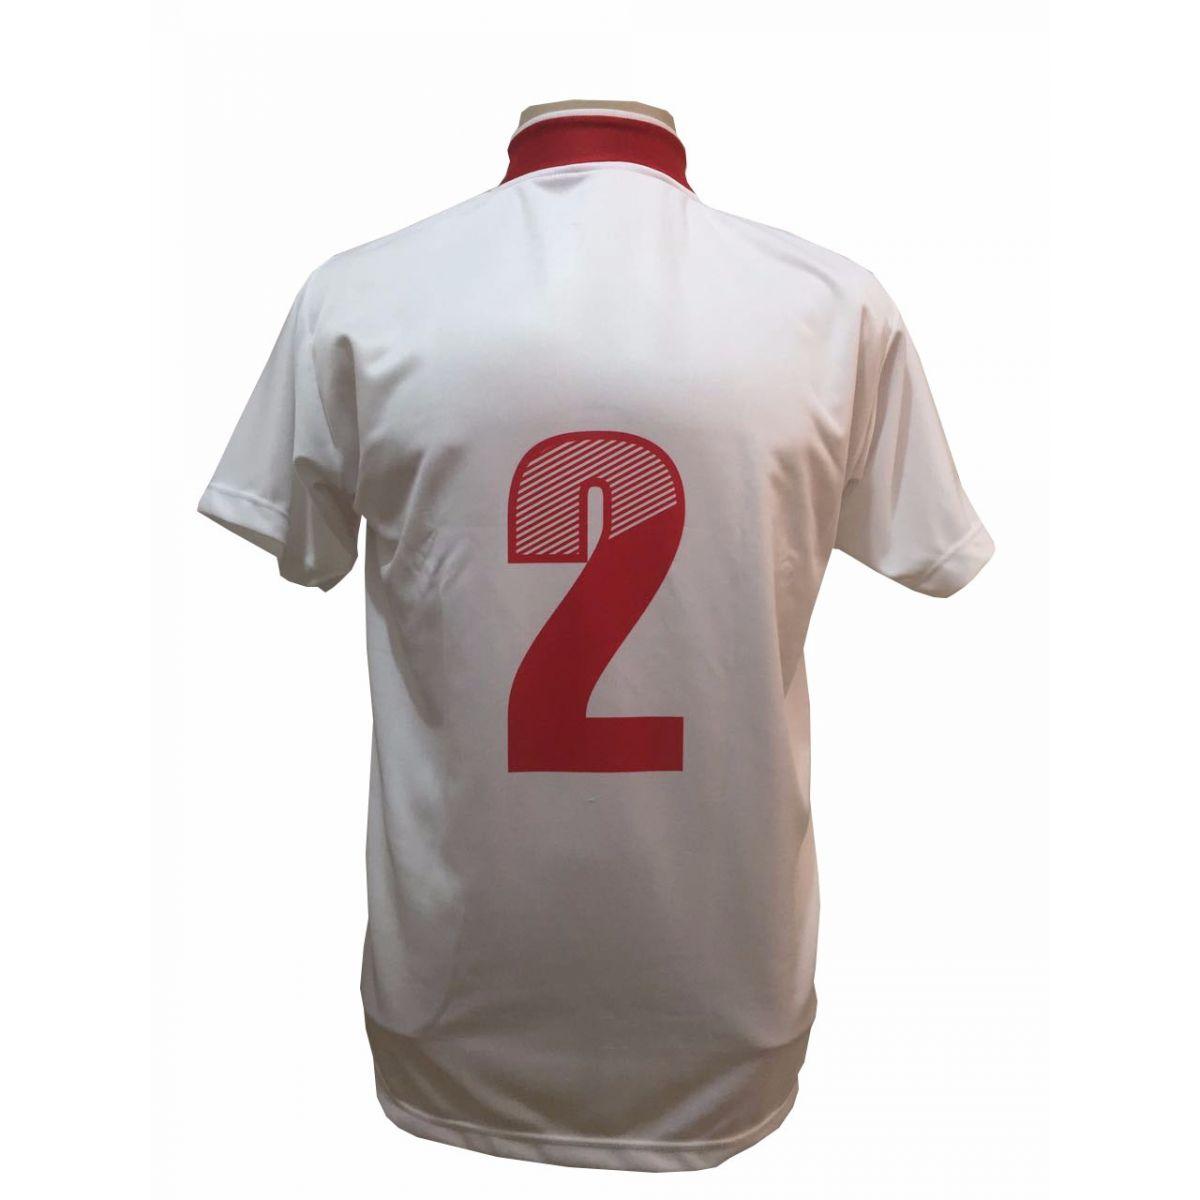 Uniforme Esportivo Completo modelo Palermo 14+1 (14 camisas Branco/Vermelho + 14 calções Madrid Vermelho + 14 pares de meiões Vermelhos + 1 conjunto de goleiro) + Brindes